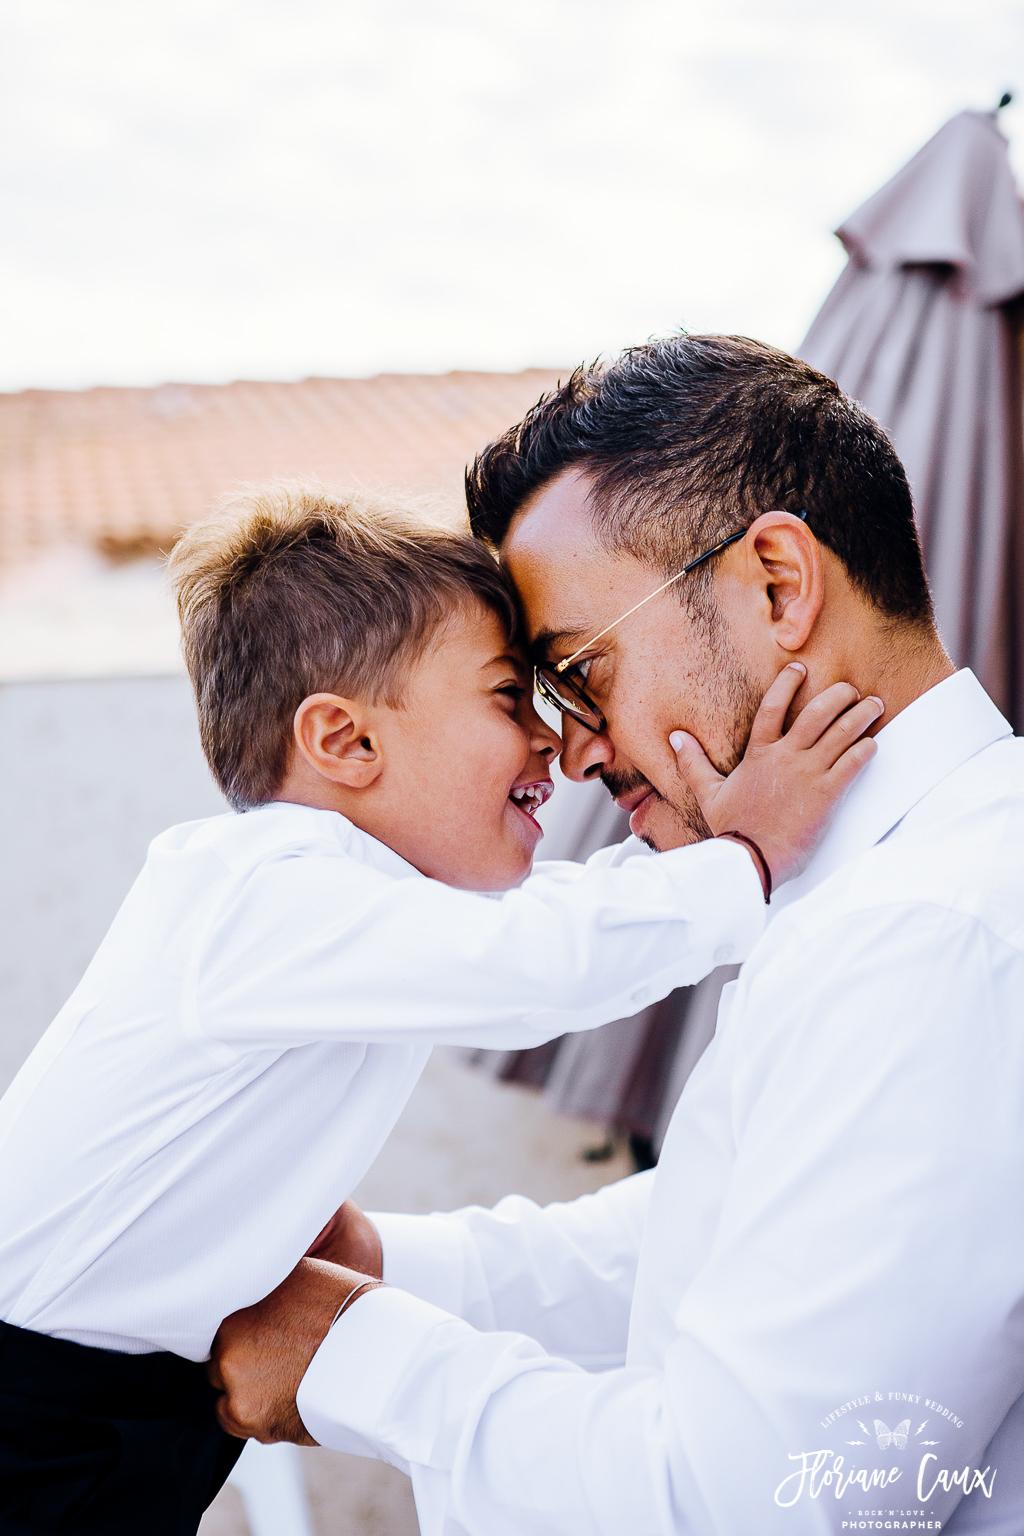 photographe-mariage-corse-ile-rousse (3)